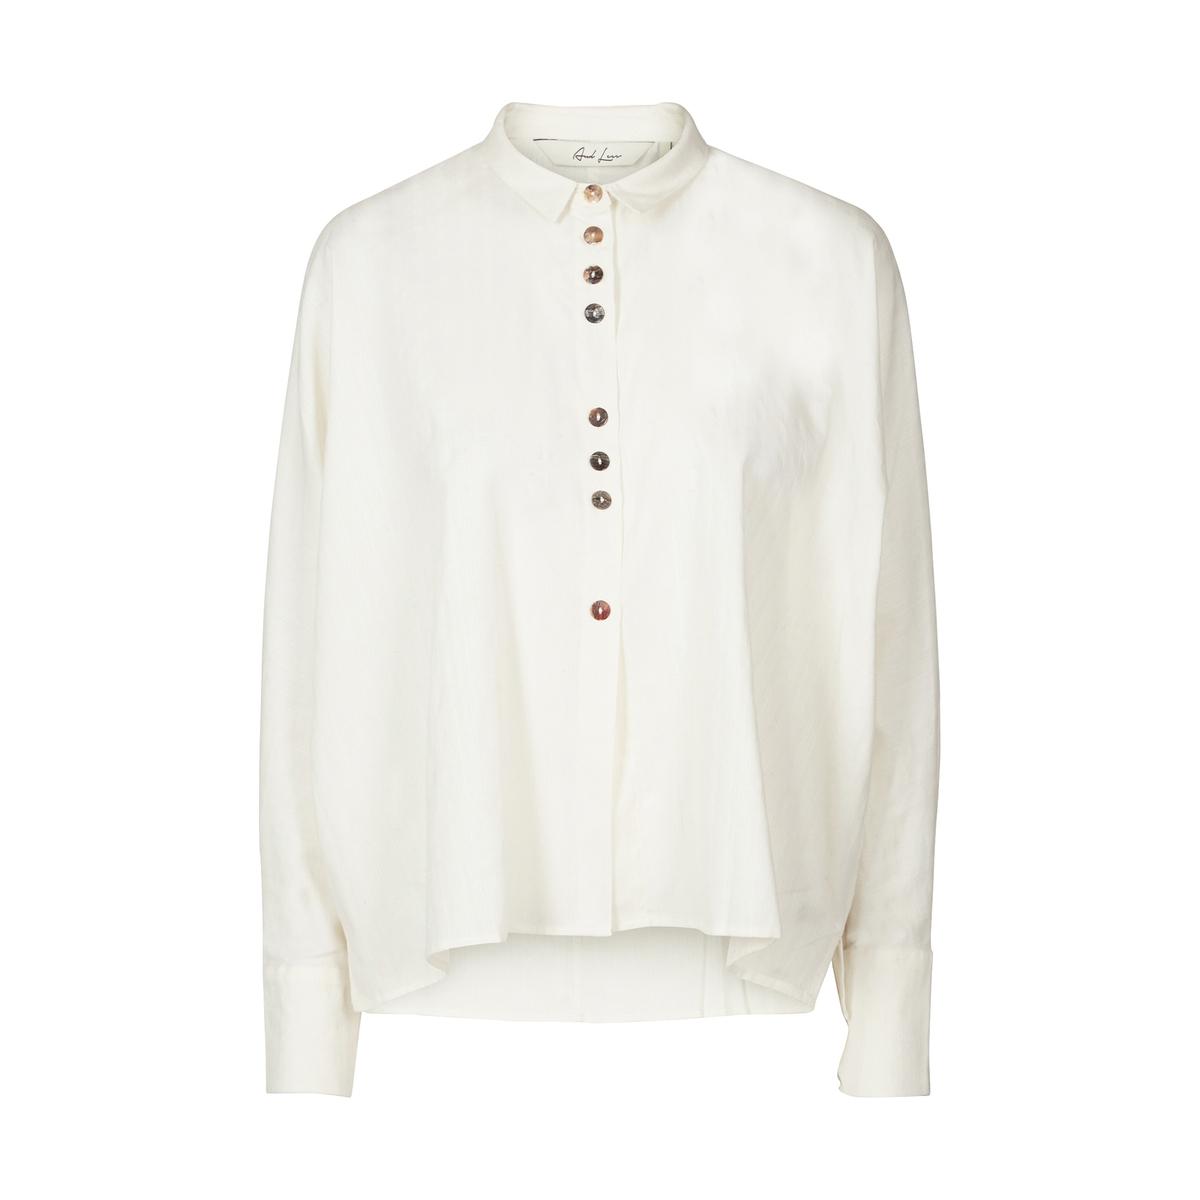 Рубашка однотонная с воротником-поло и длинными рукавамиДетали •  Длинные рукава •  Прямой покрой  •  Воротник-поло, рубашечный Состав и уход •  100% хлопок  •  Следуйте советам по уходу, указанным на этикетке<br><br>Цвет: белый